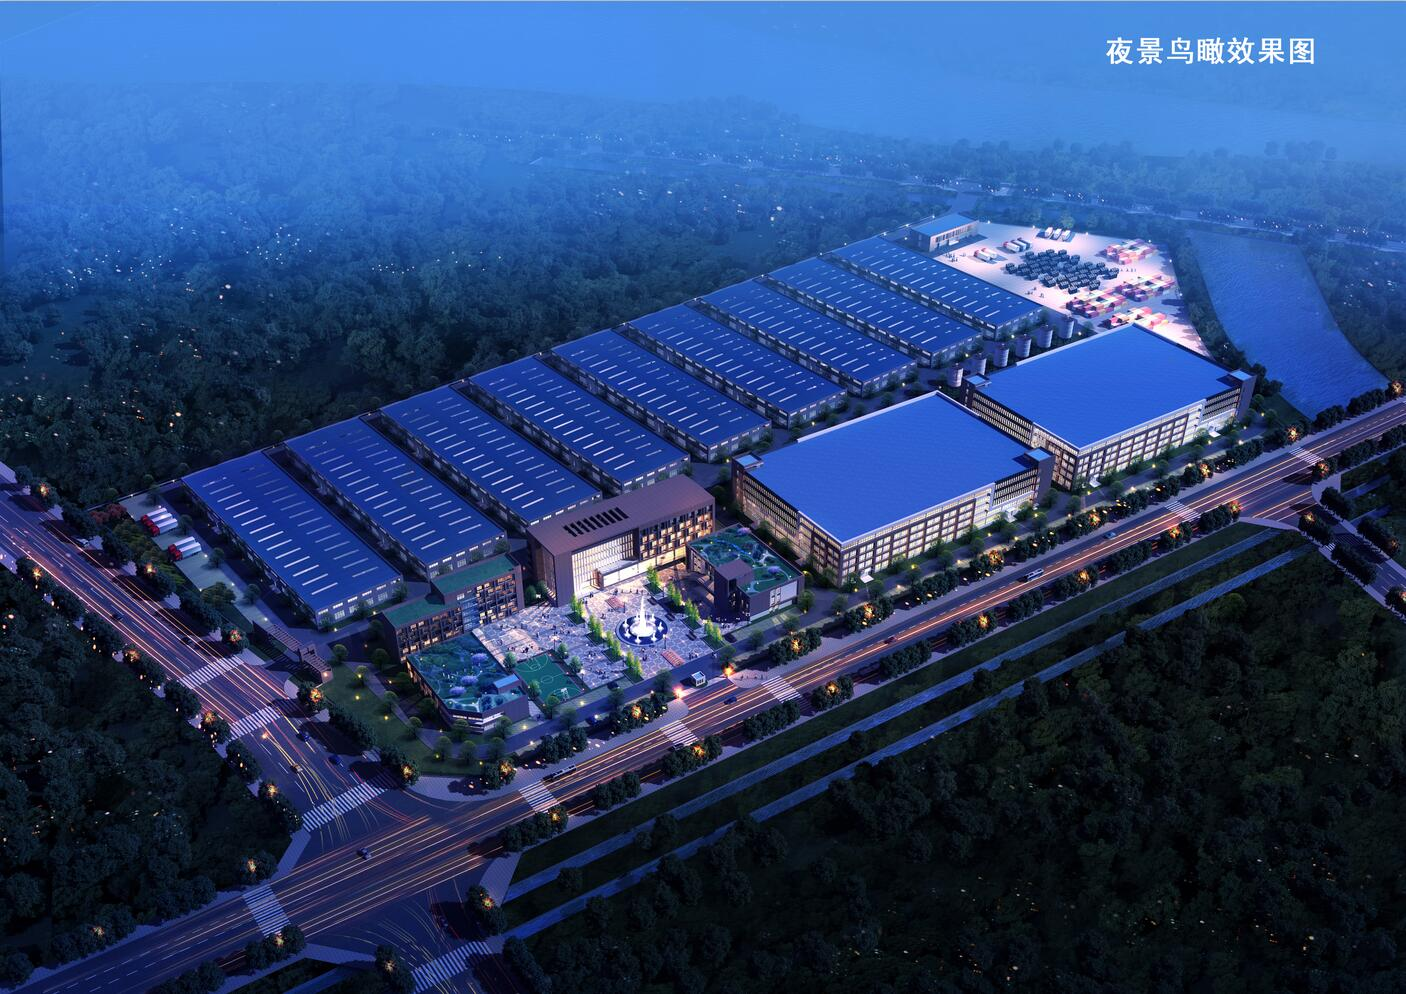 安徽省繁昌汉尔橡胶制品有限企业厂房